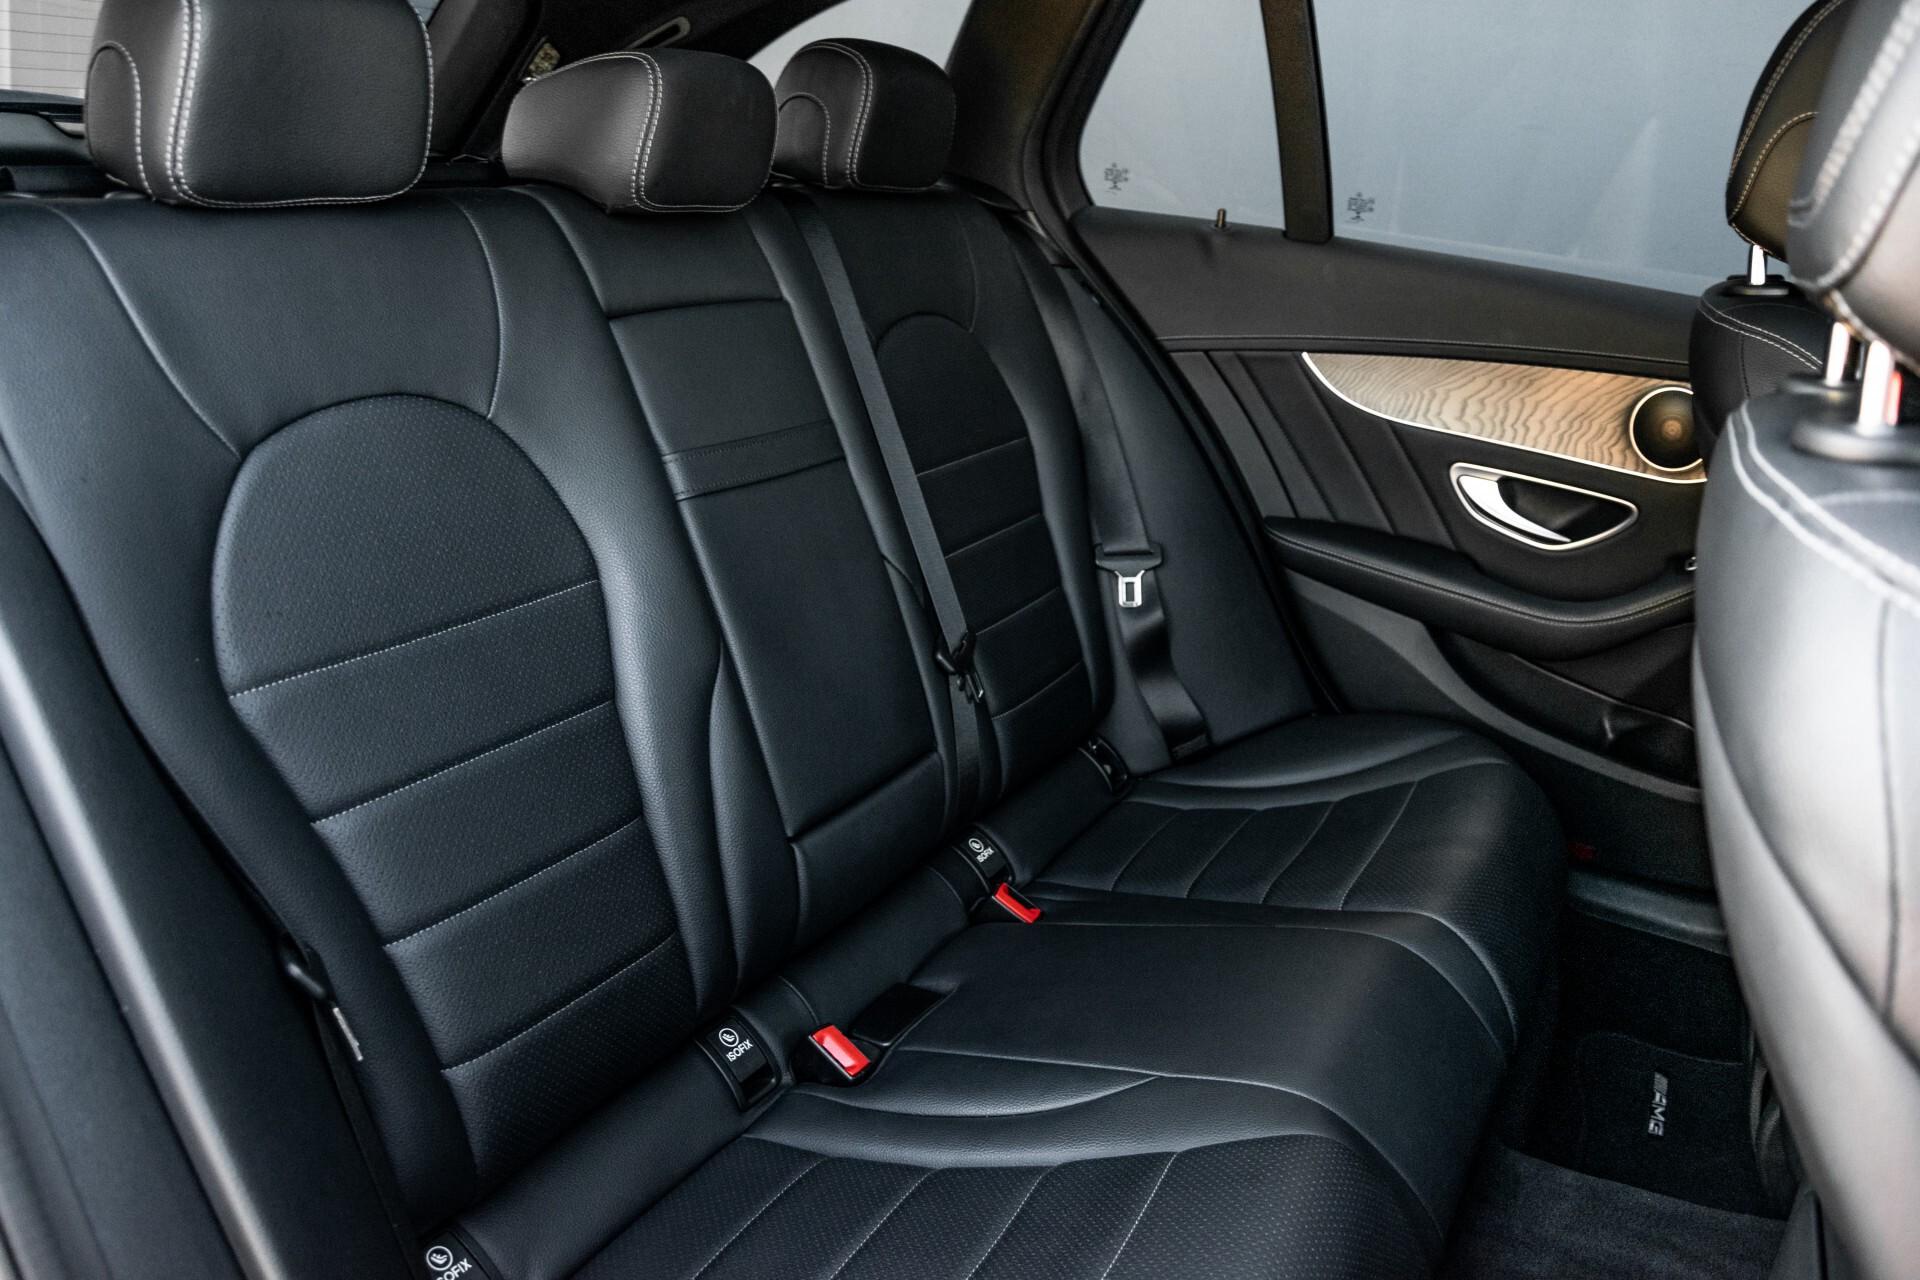 Mercedes-Benz C-Klasse Estate 220 Bluetec AMG Panorama/HUD/Memory Aut7 Foto 4